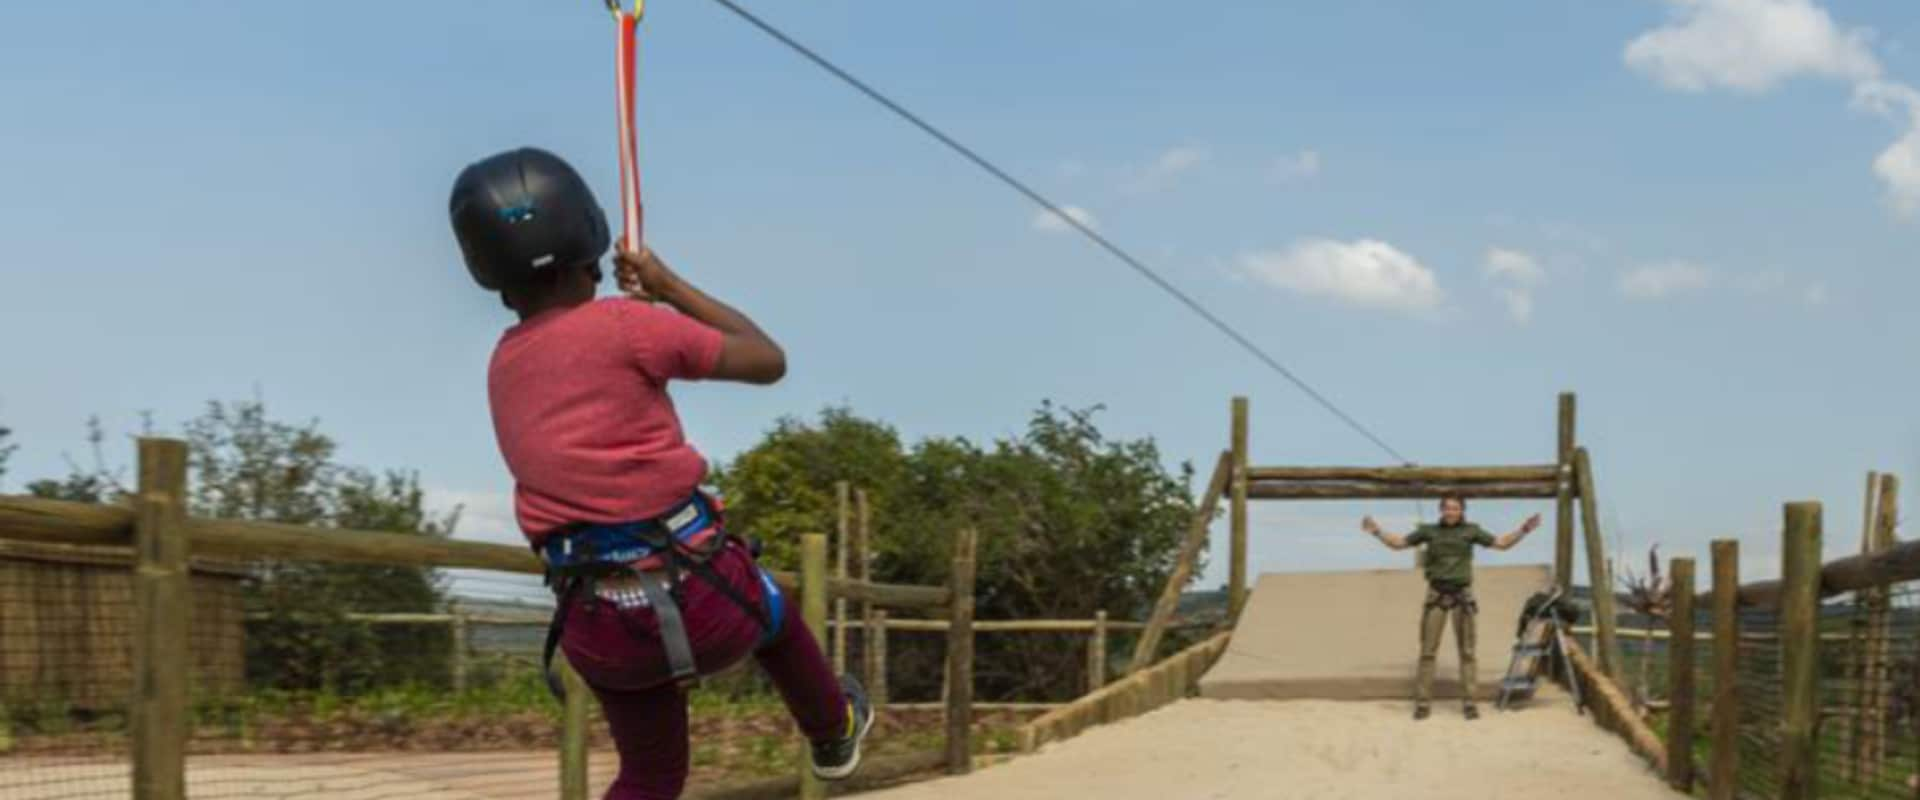 Ziplining fun to thrill your children